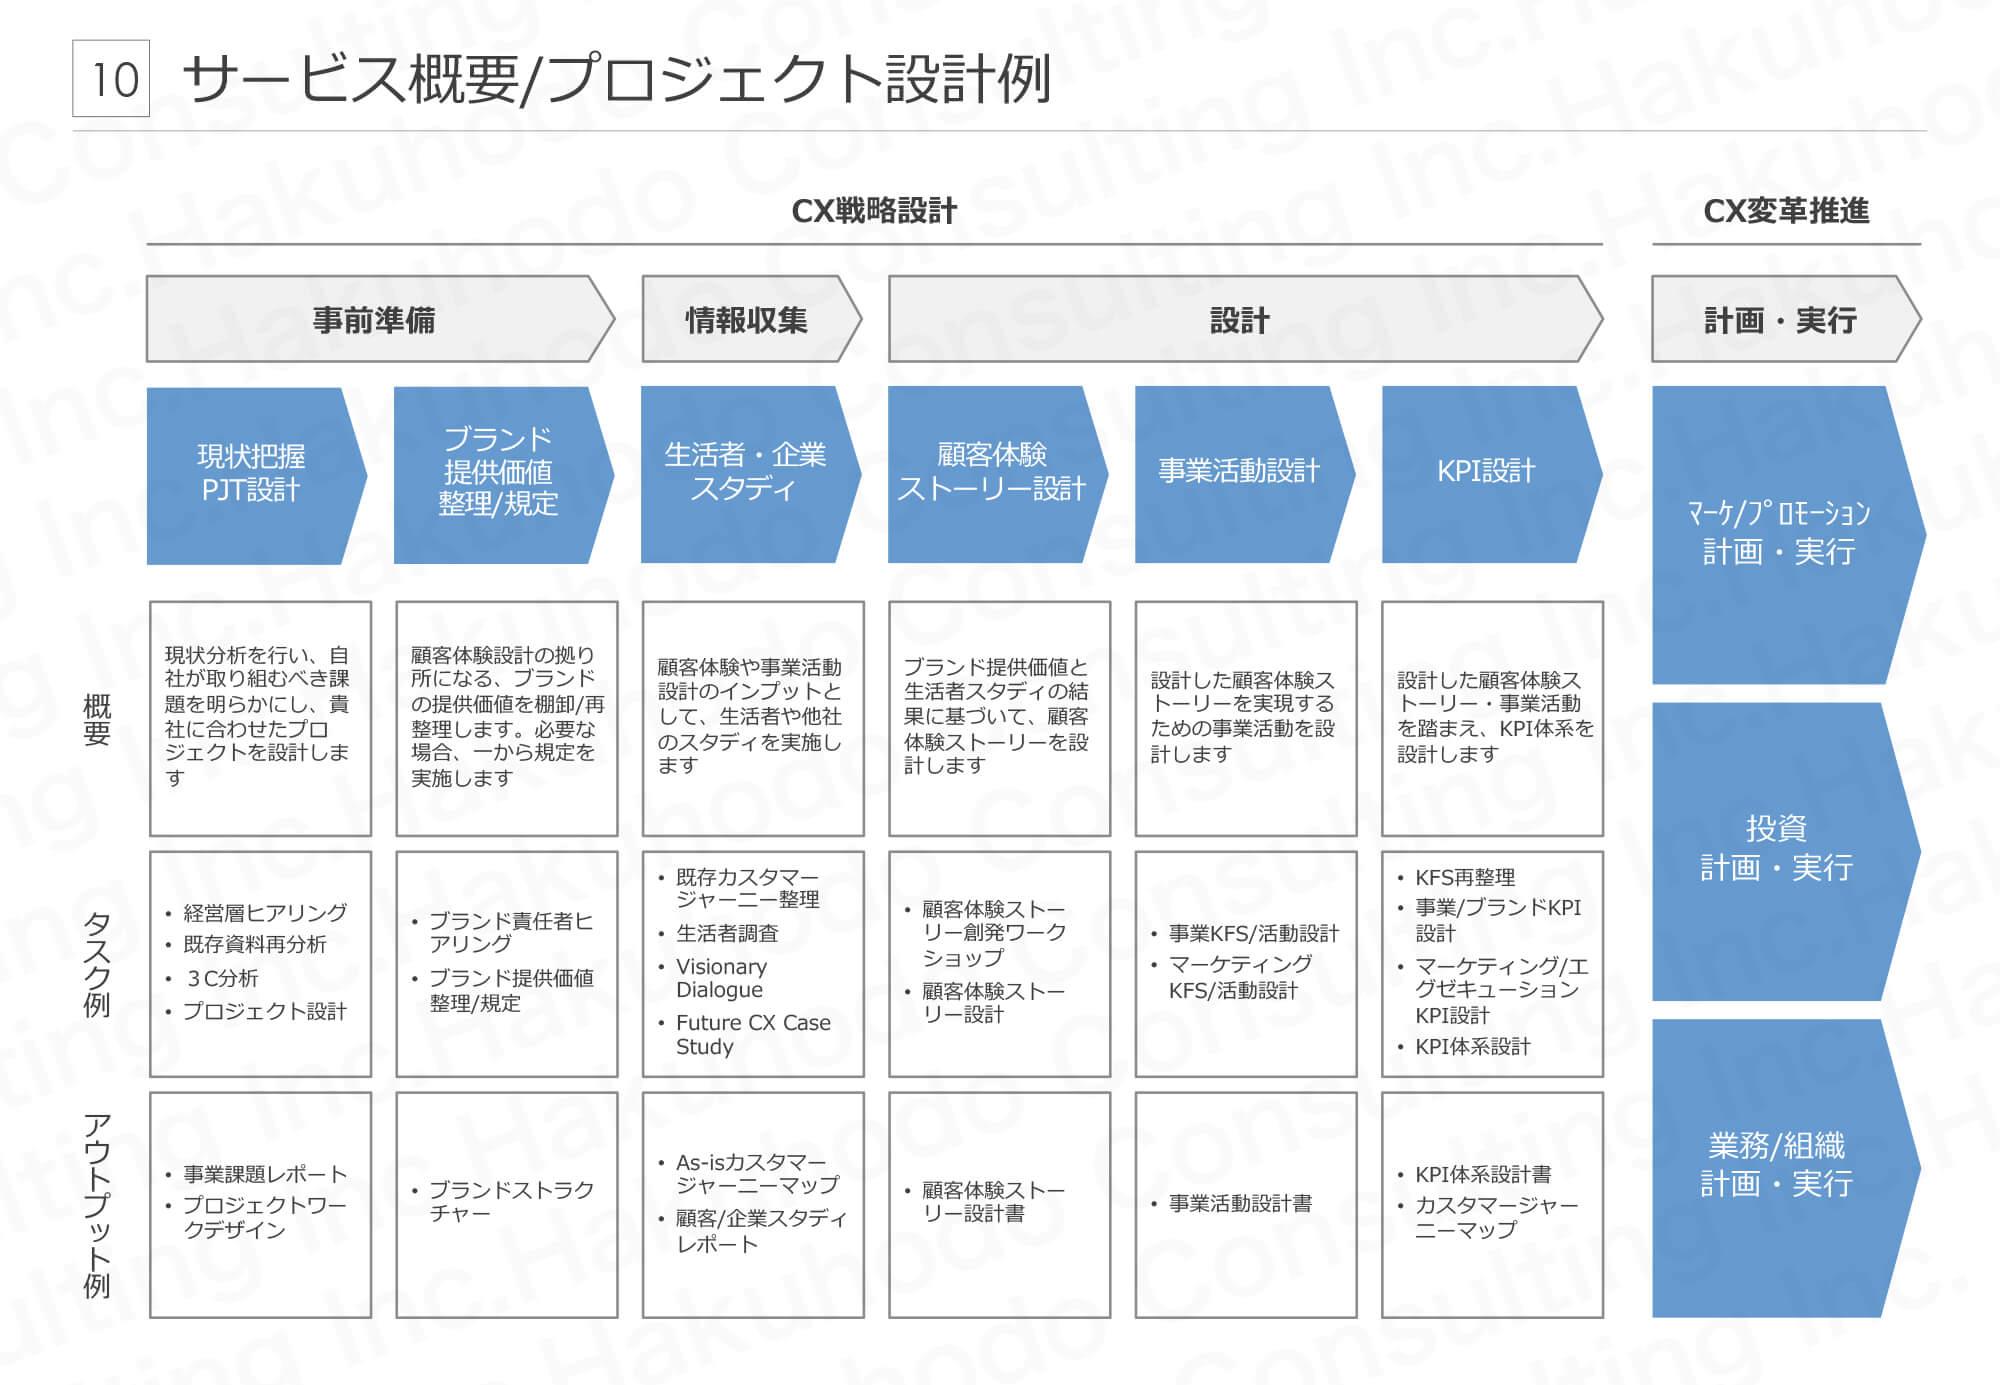 サービス概要/プロジェクト設計例 CX戦略設計 CX変革推進